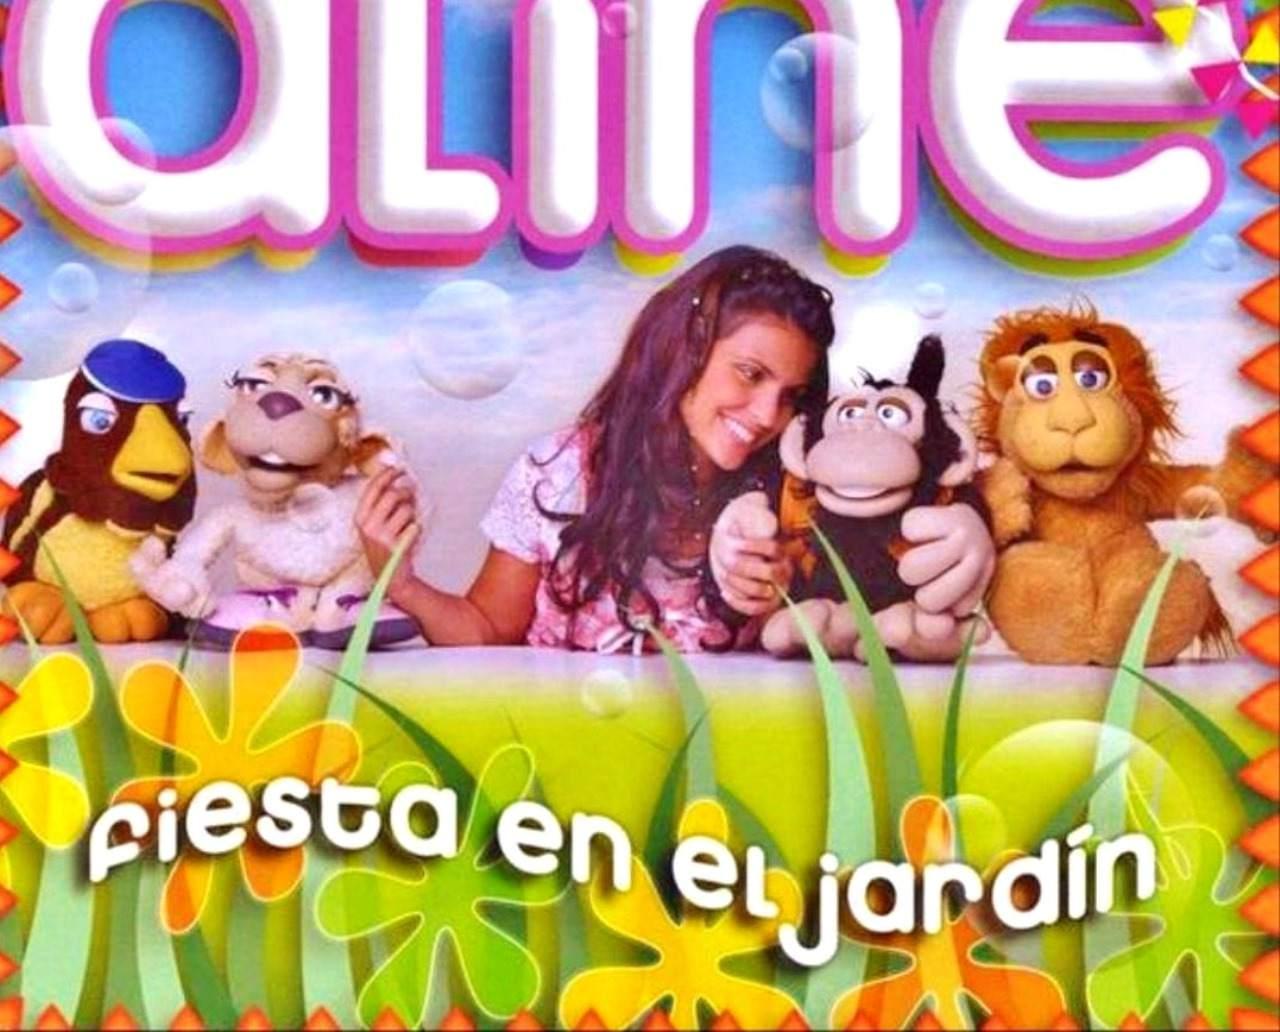 Aline Barros, álbum Fiesta en el jardín